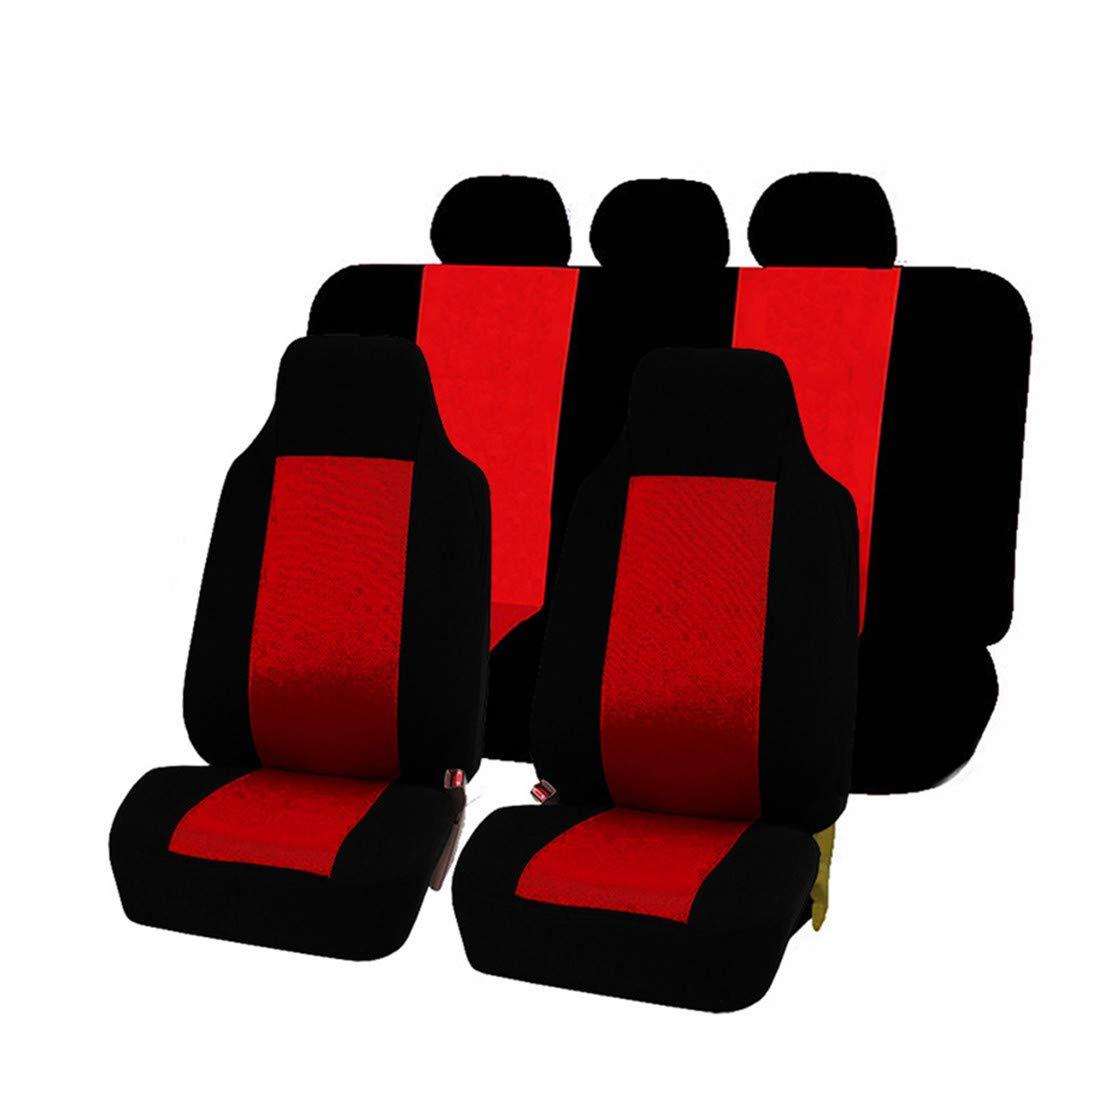 Seater Anteriore GODGETS Coprisedili Auto Set Completo Universali Anteriori e Posteriori Set Coprisedile,Slittata Resistente allUsura Accessori Auto Interno,Tutto in Nero,2